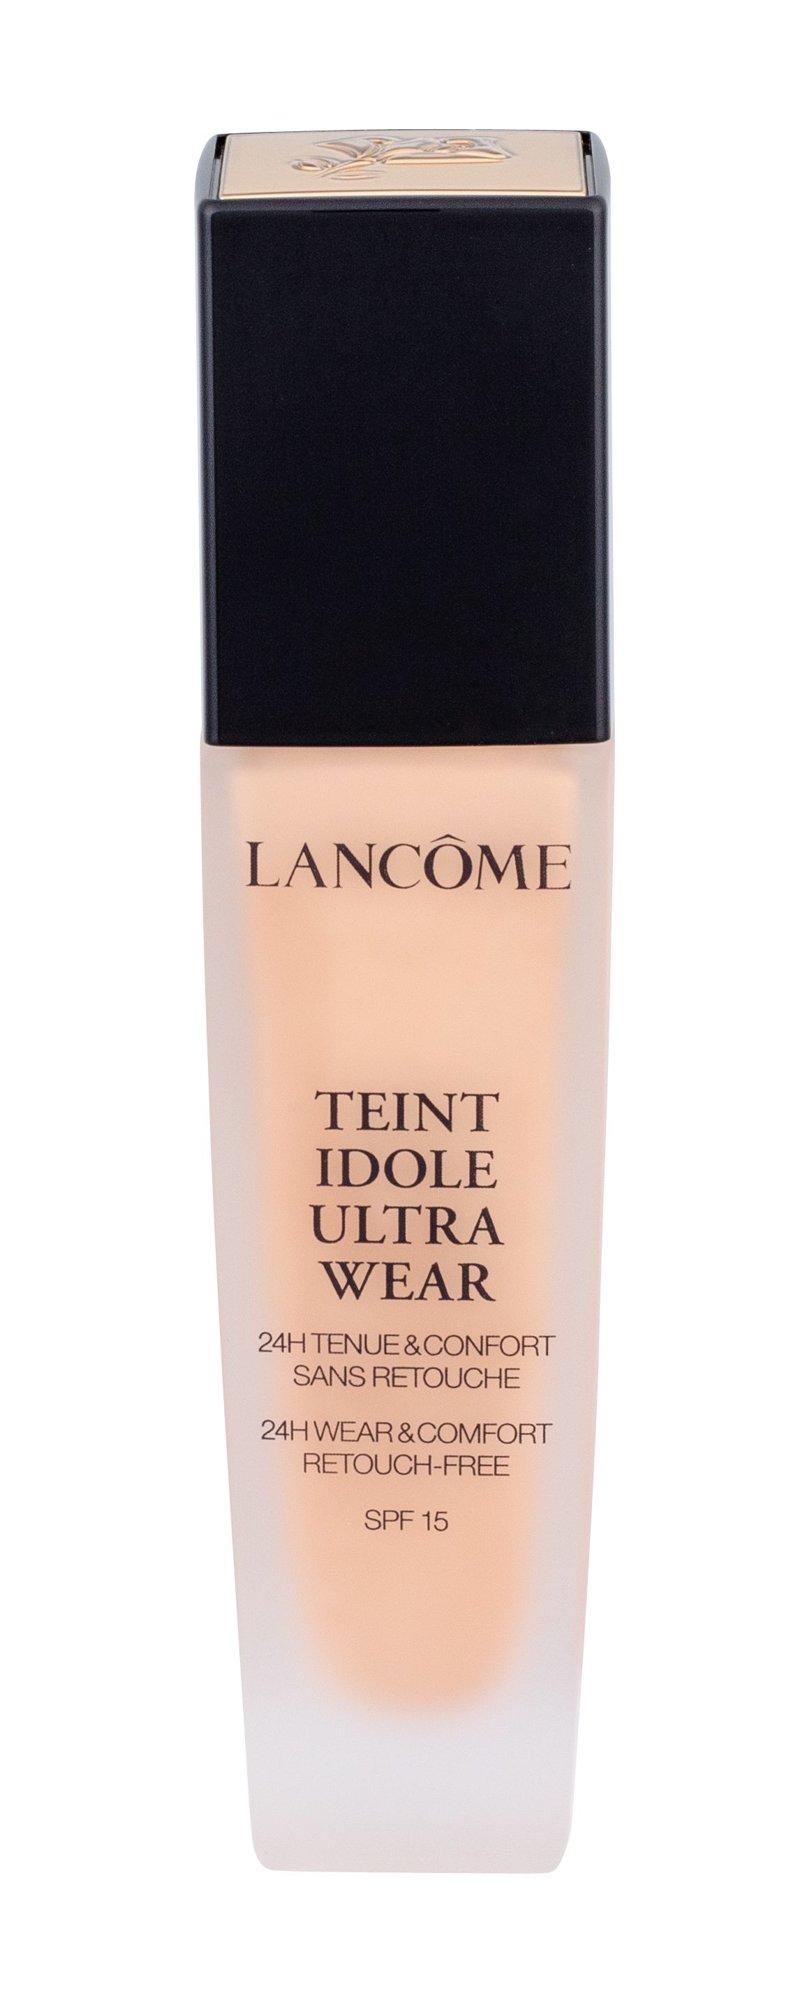 Lancôme Teint Idole Ultra Wear Cosmetic 30ml 01 Beige Albatre